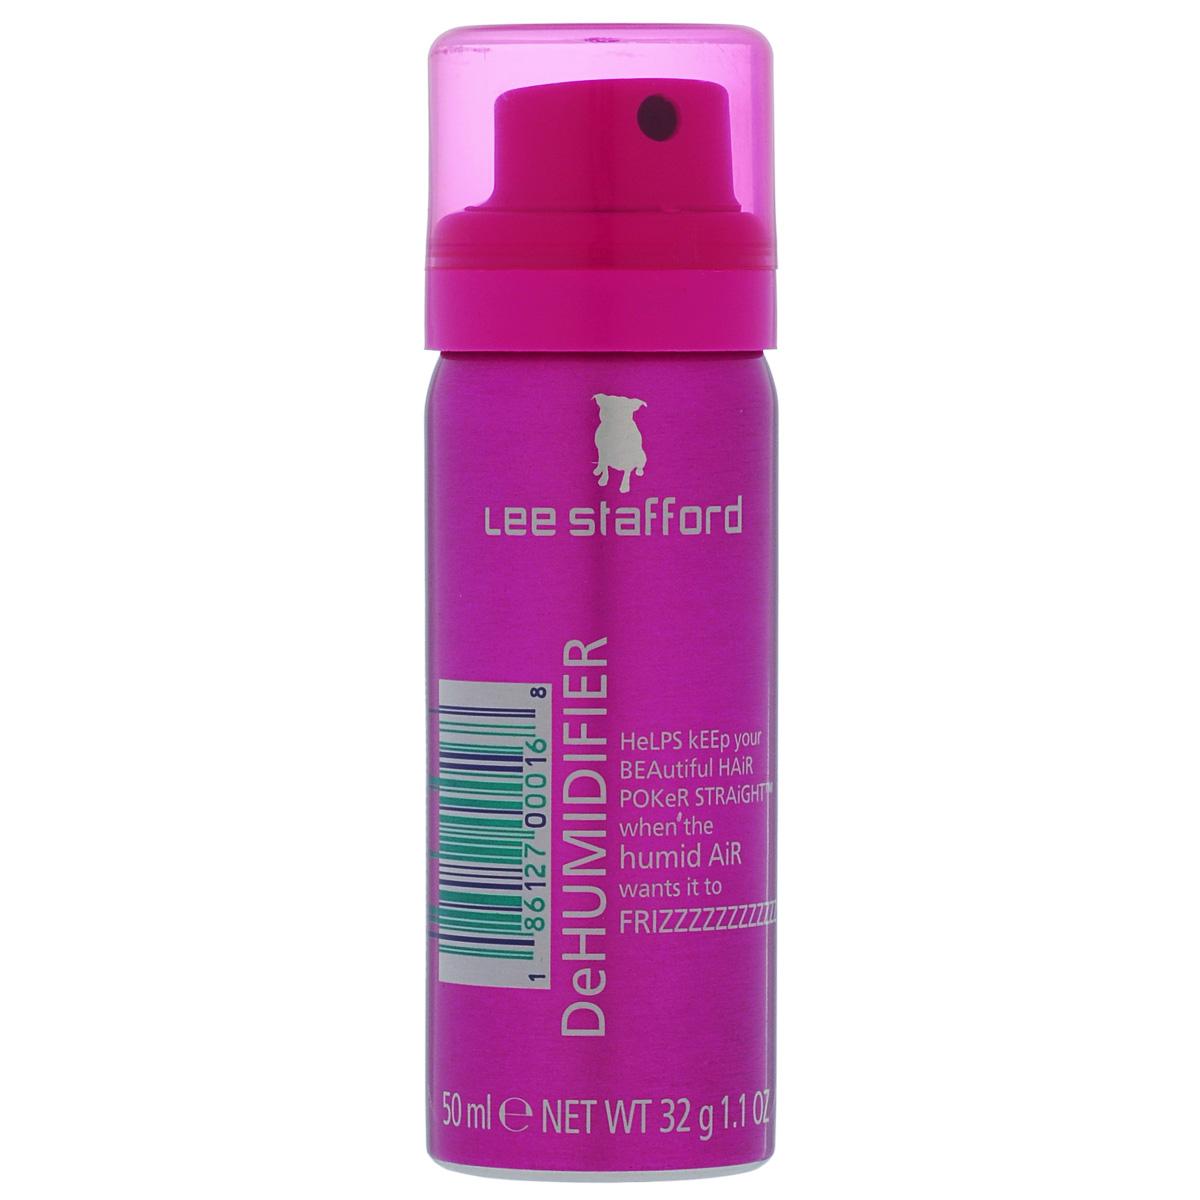 Lee Stafford Спрей для предотвращения завивания волос Poker Straight Mini, 50 мл608091400403 Lee Stafford Спрей для предотвращения завивания волос Poker Straight Dehumidifier, 50 мл. Даже под воздействием влажного воздуха, ваши волосы остаются прямыми! Это настоящий «зонтик» для ваших волос. Благодаря входящим в состав компонентам, обеспечивается легкое и эффективное воздействие на волосы, предотвращая их завивание. Распыляйте с расстояния 30-50 см по всей поверхности волос передспортом, прогоулкой, перед тем, как лечь спать